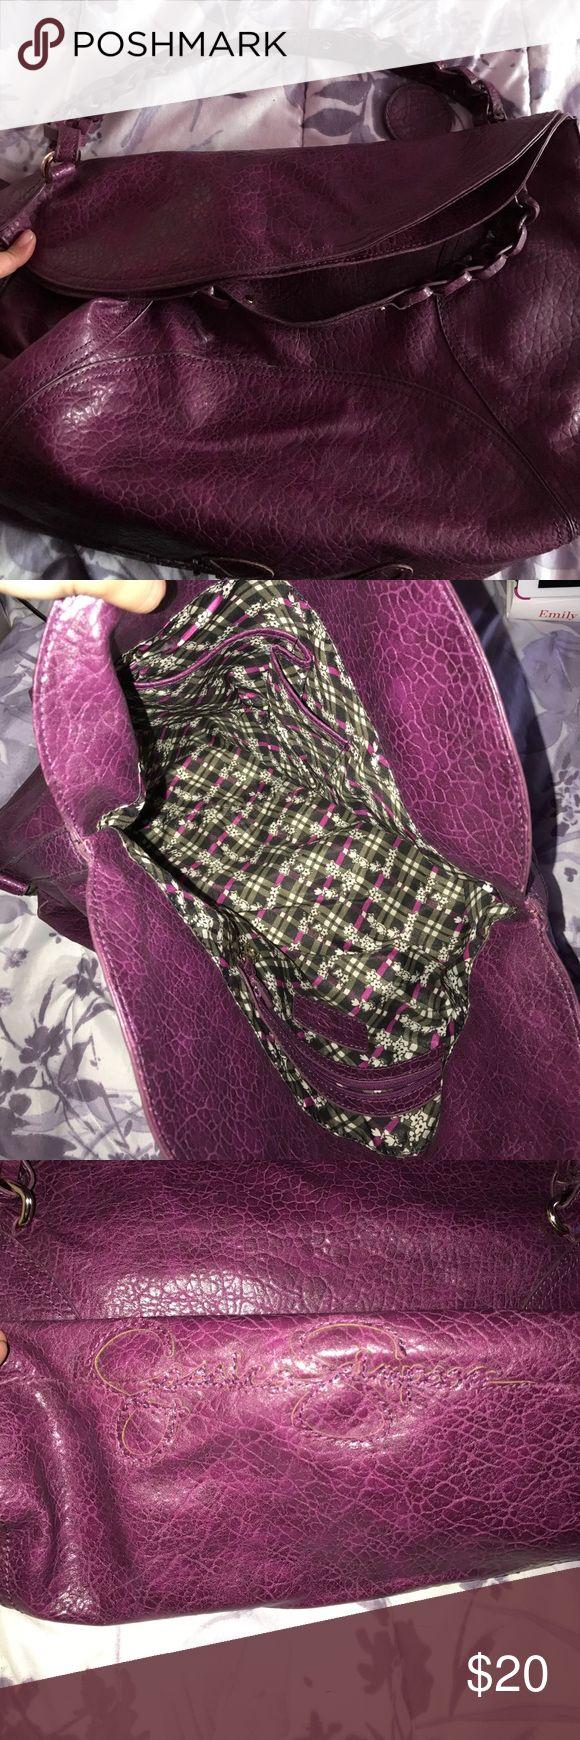 Jessica Simpson purple shoulder bag Jessica Simpson purple shoulder bag with magnet closure at the top Jessica Simpson Bags Shoulder Bags